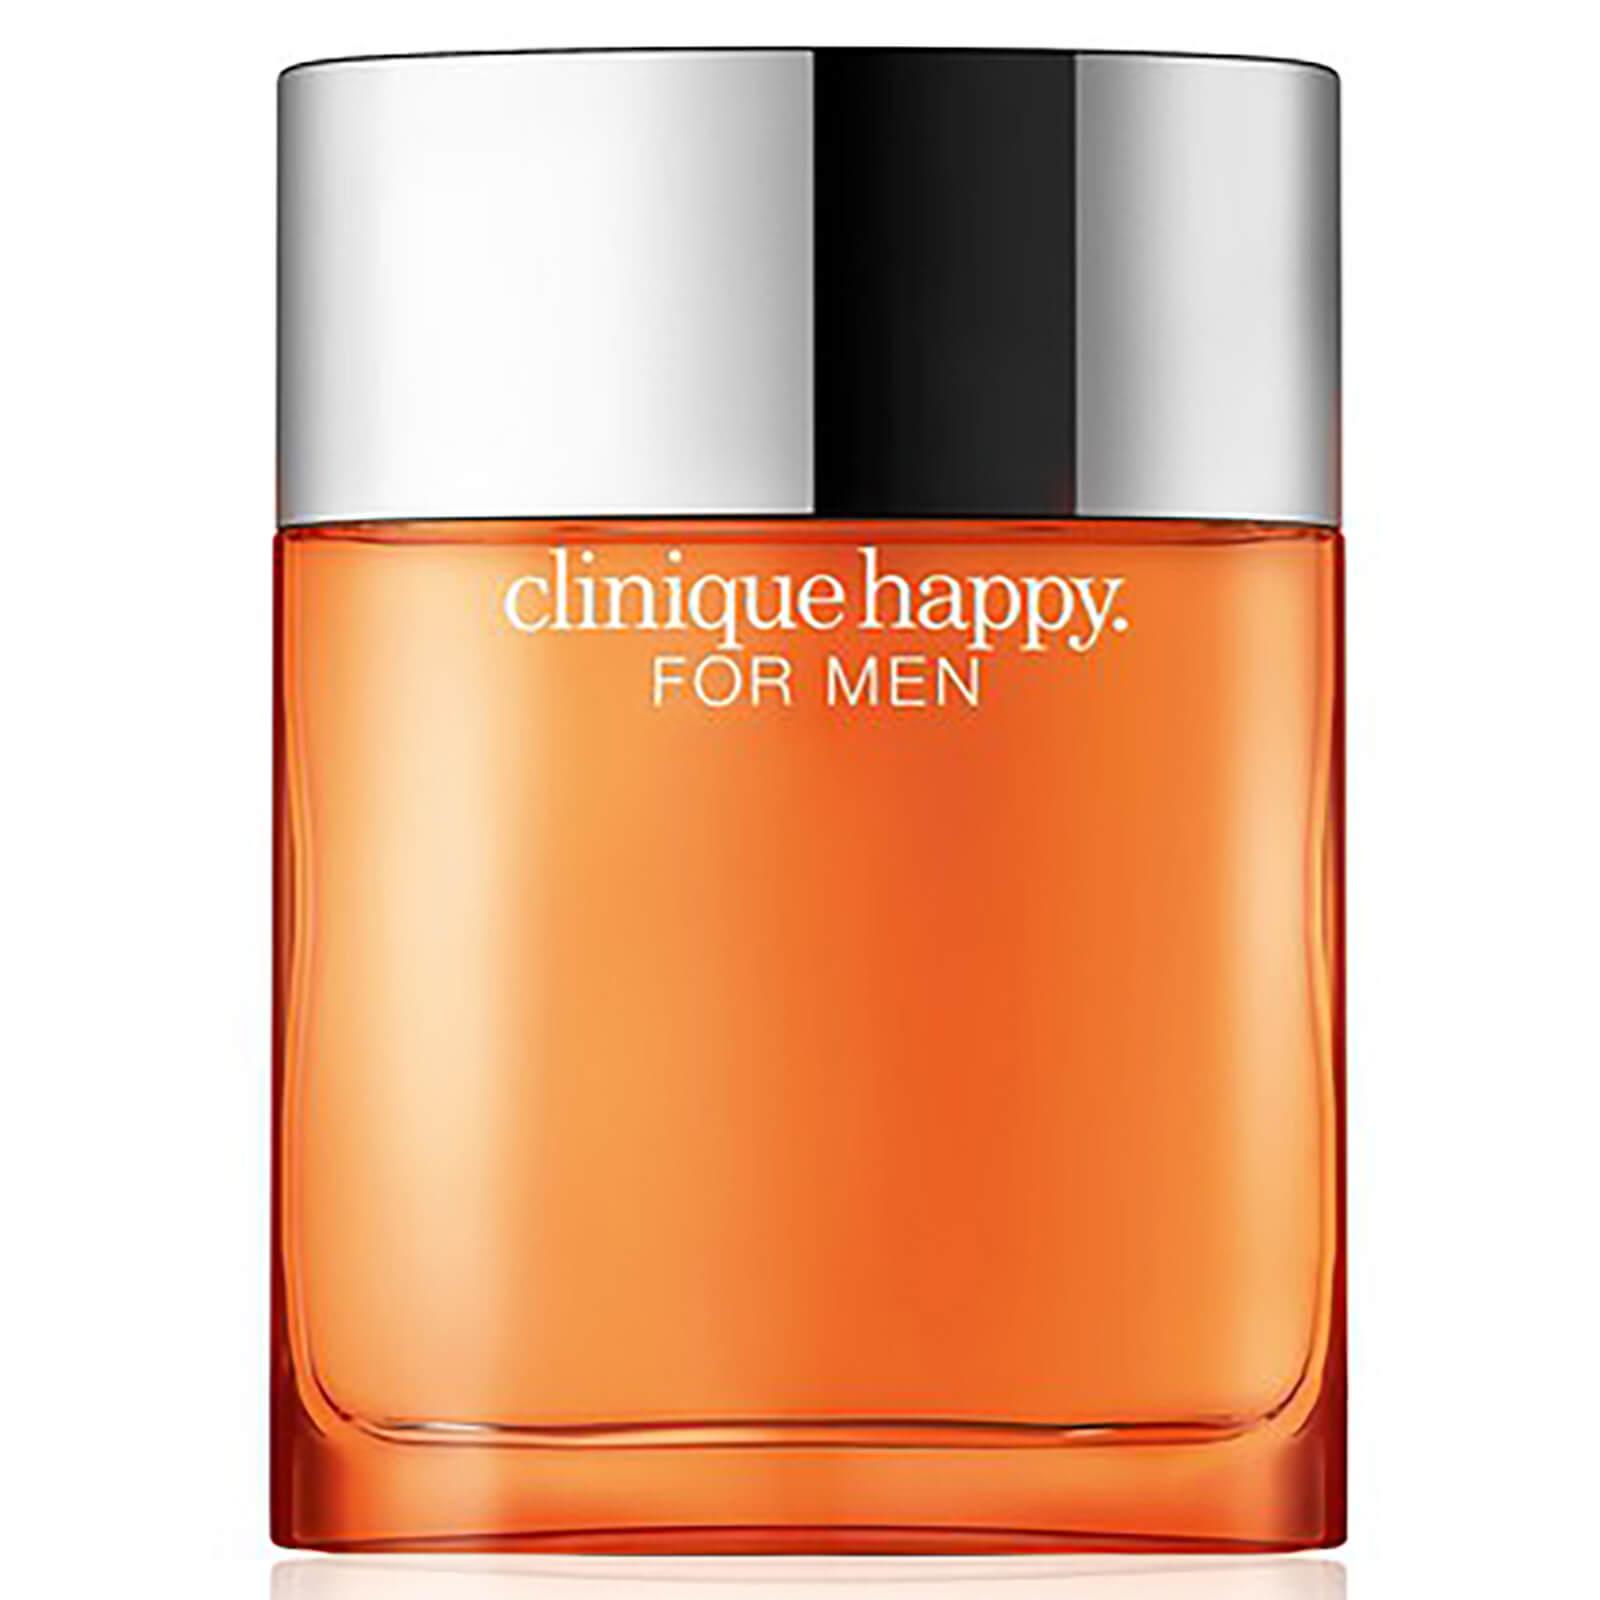 Clinique for Men Spray eau de Cologne Clinique Happy for Men50 ml